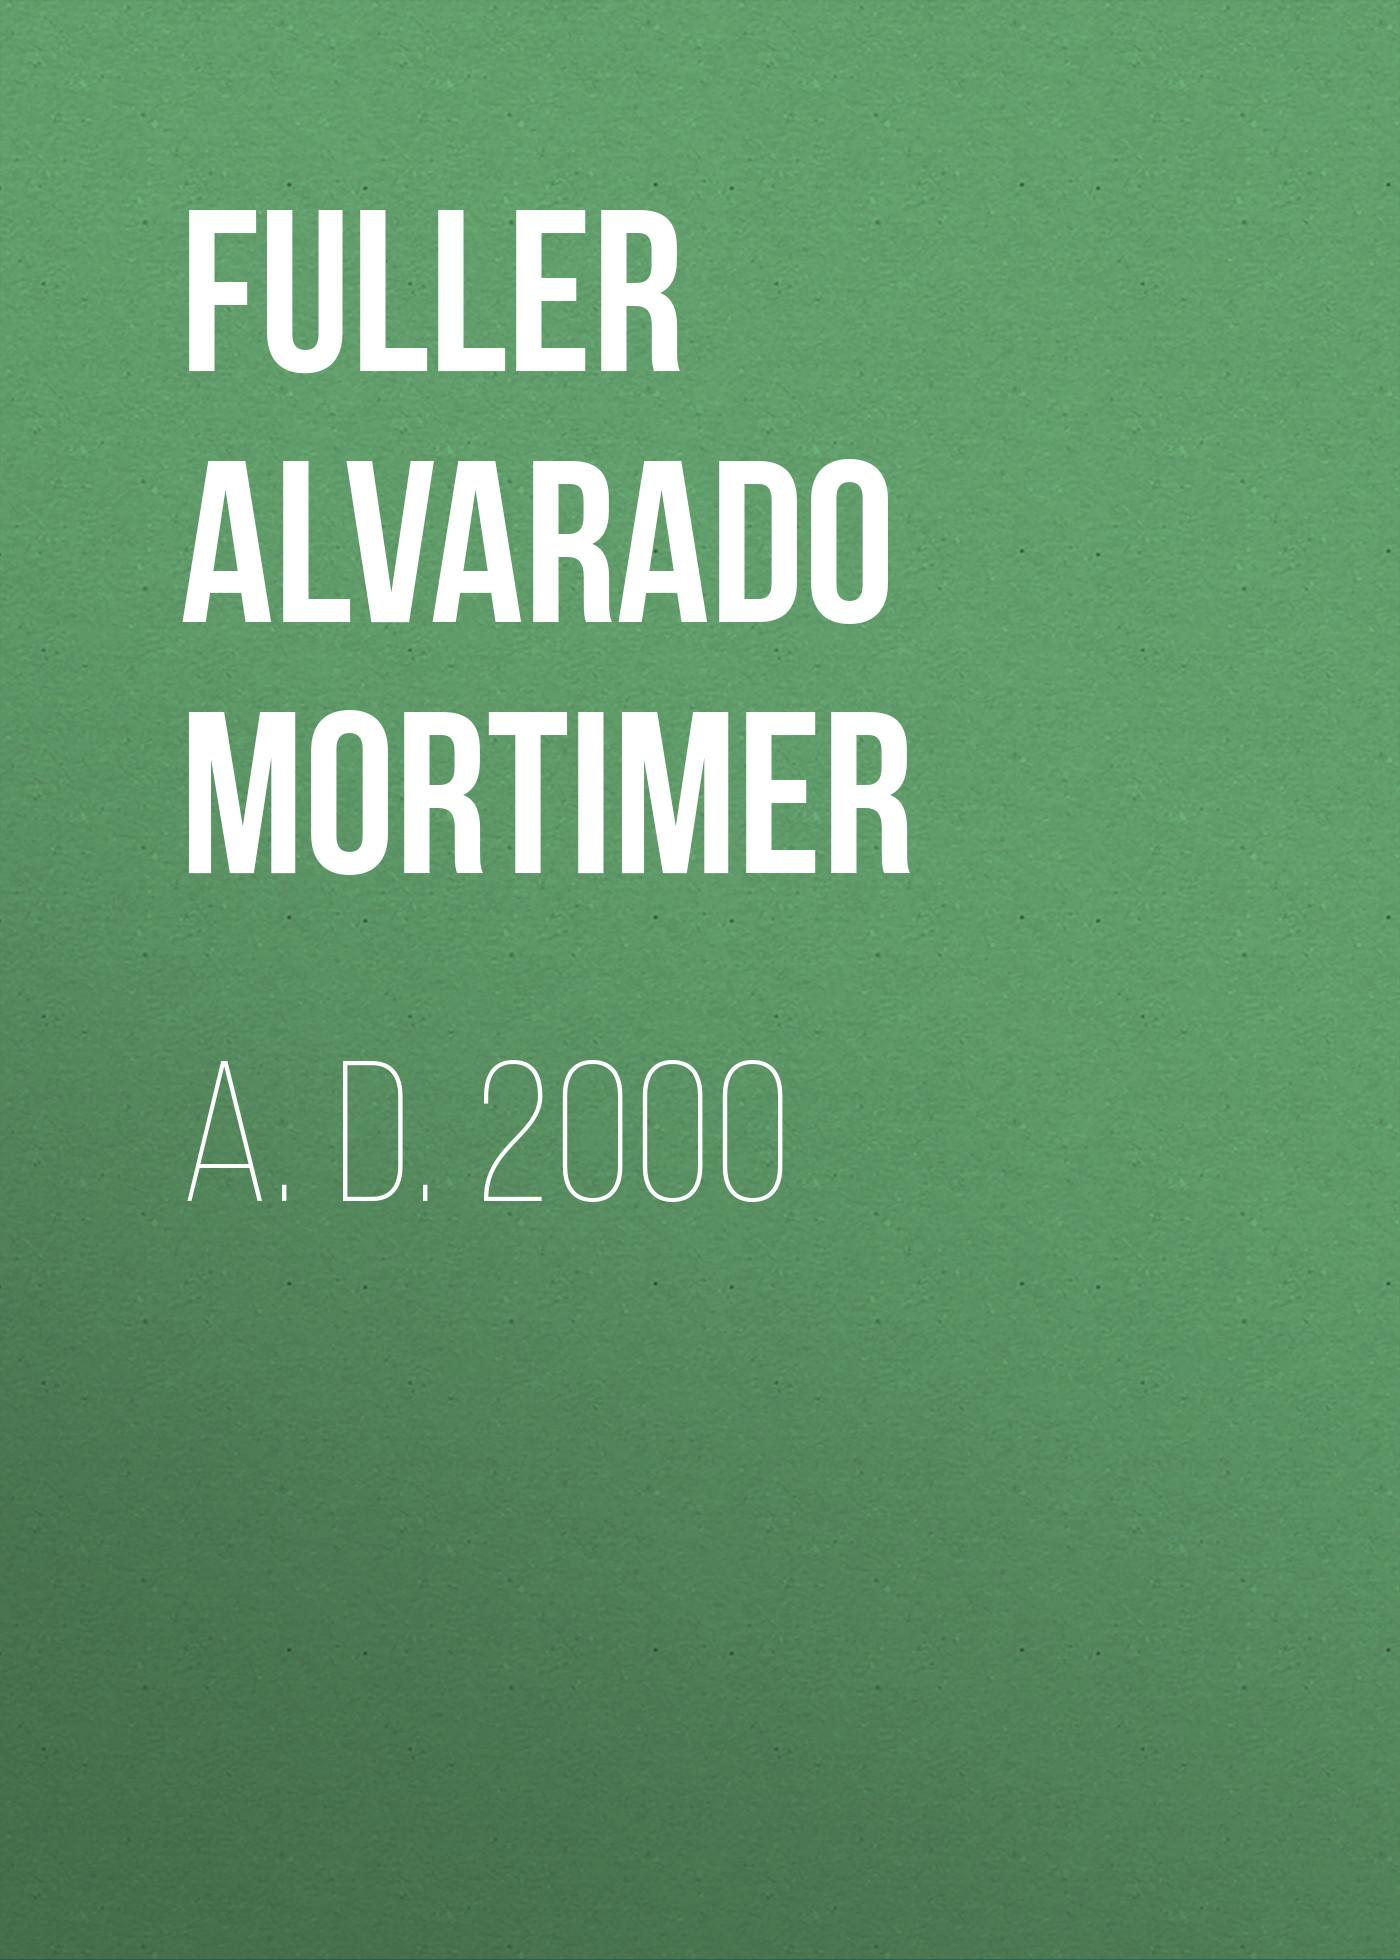 Fuller Alvarado Mortimer A. D. 2000